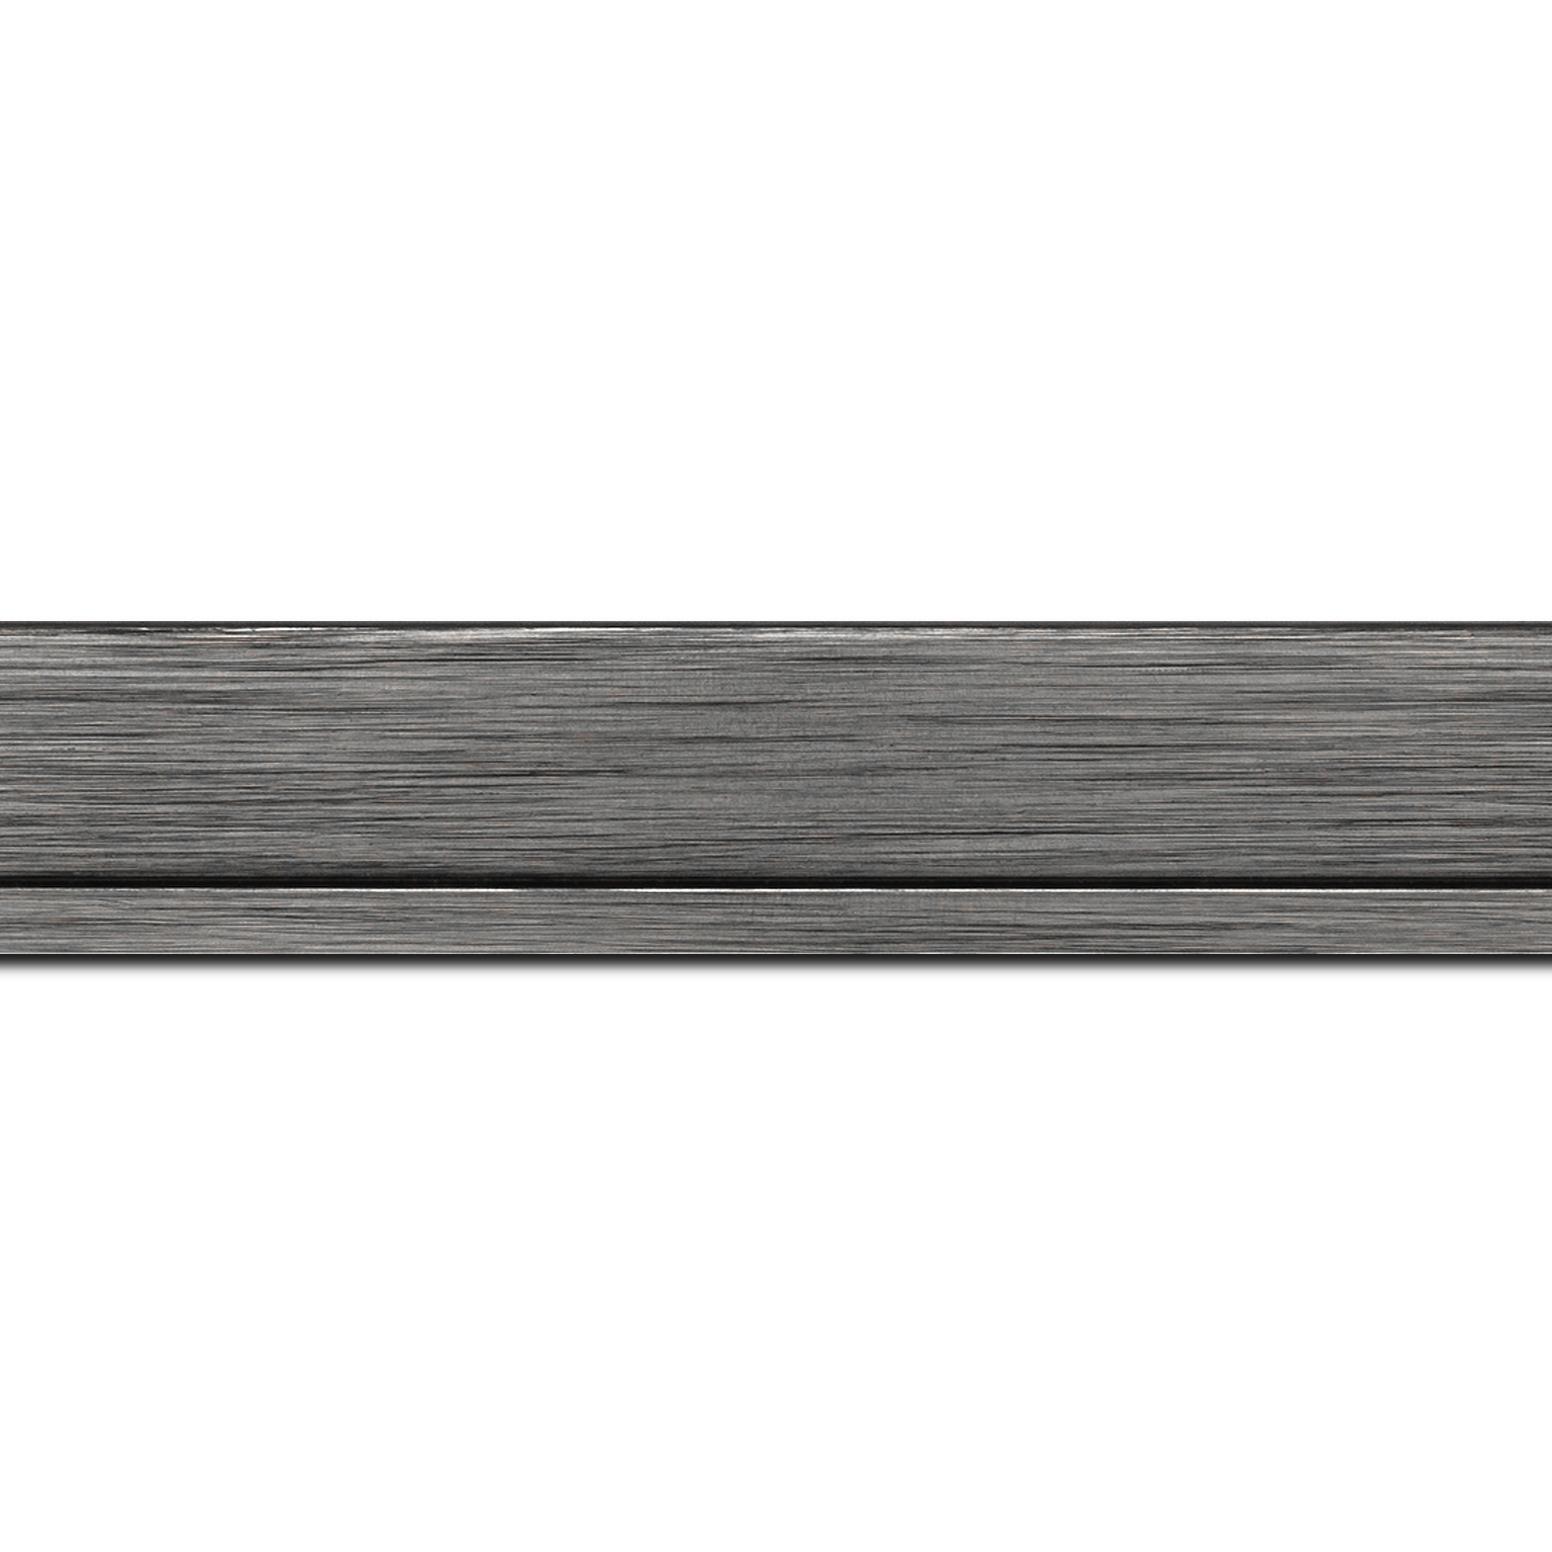 Pack par 12m, bois profil plat largeur 3.3cm couleur plomb filet plomb (longueur baguette pouvant varier entre 2.40m et 3m selon arrivage des bois)